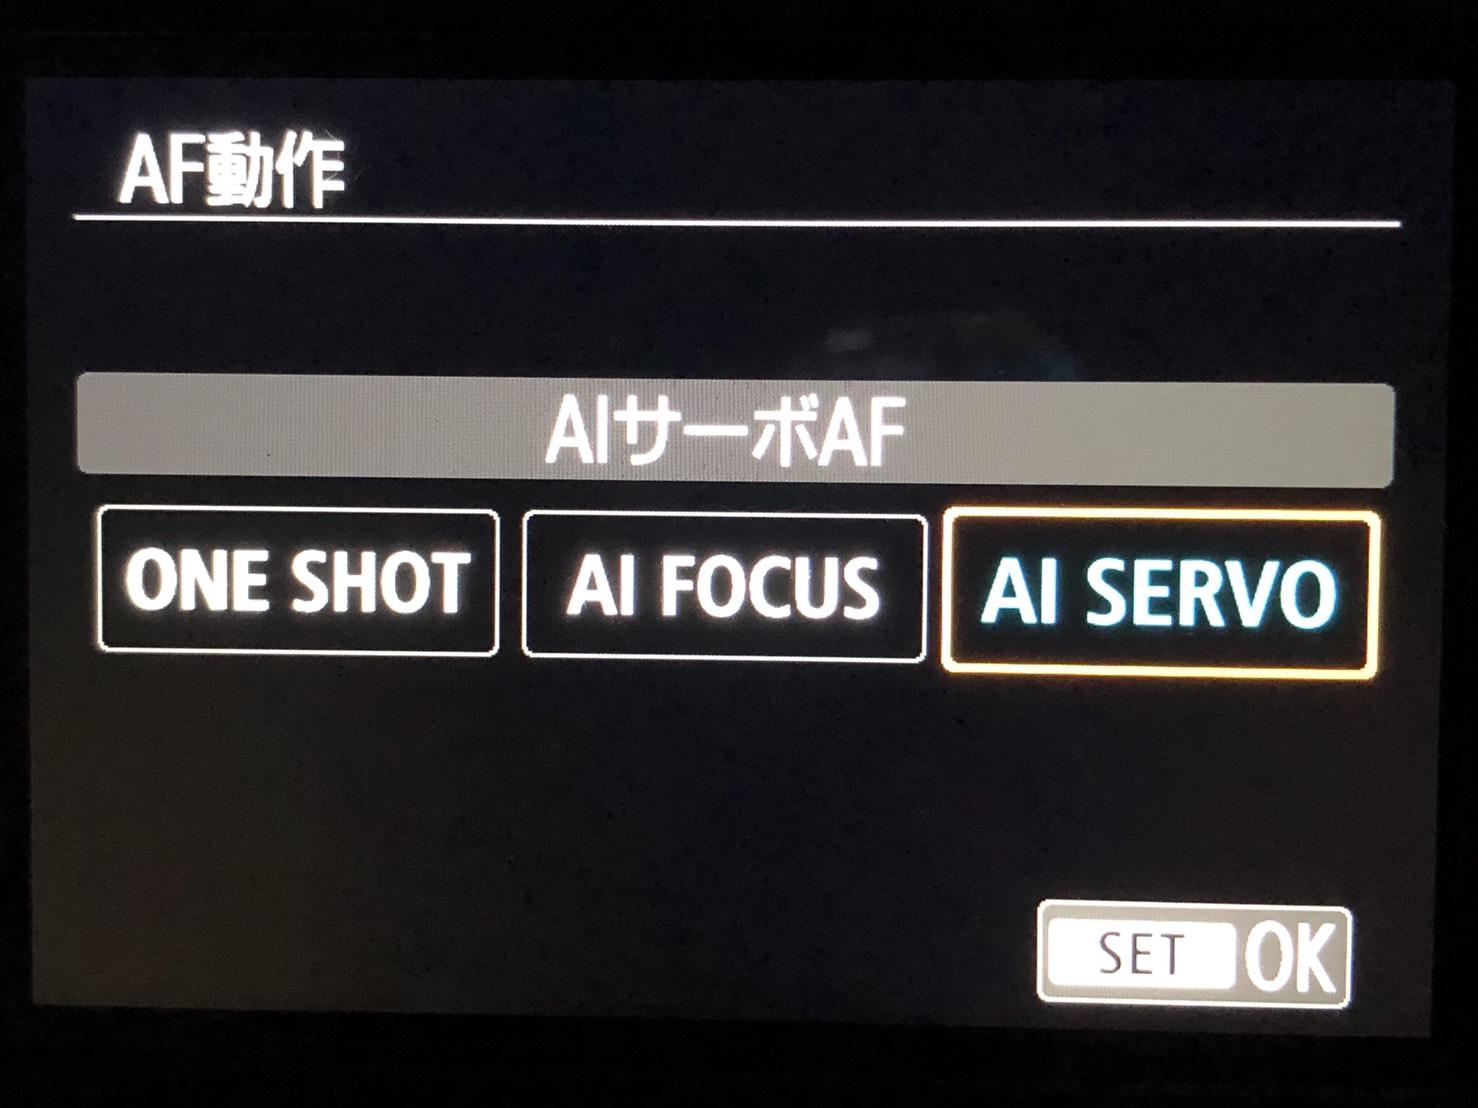 流し撮りのAFモード設定